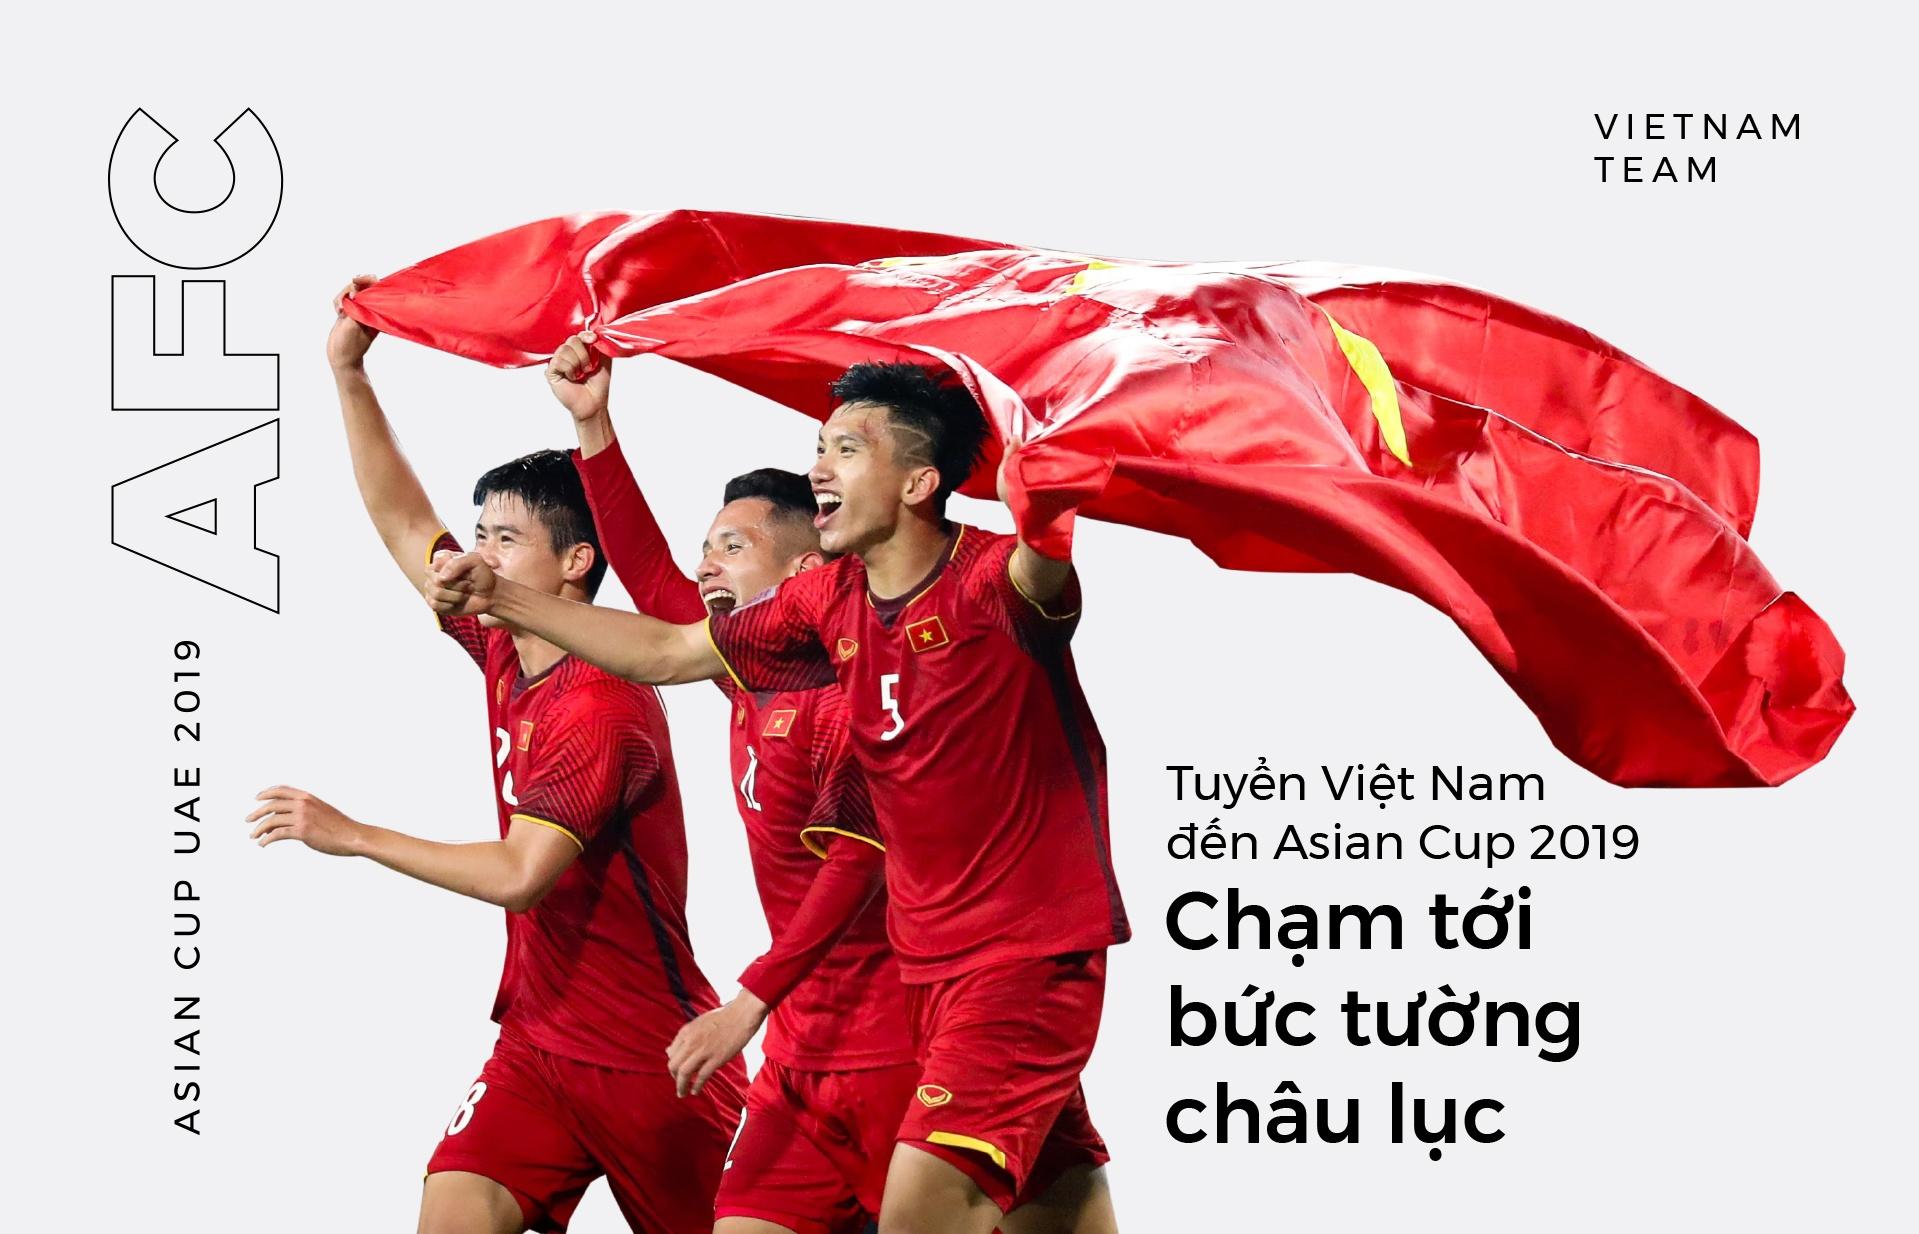 Tuyen Viet Nam den Asian Cup 2019 anh 2